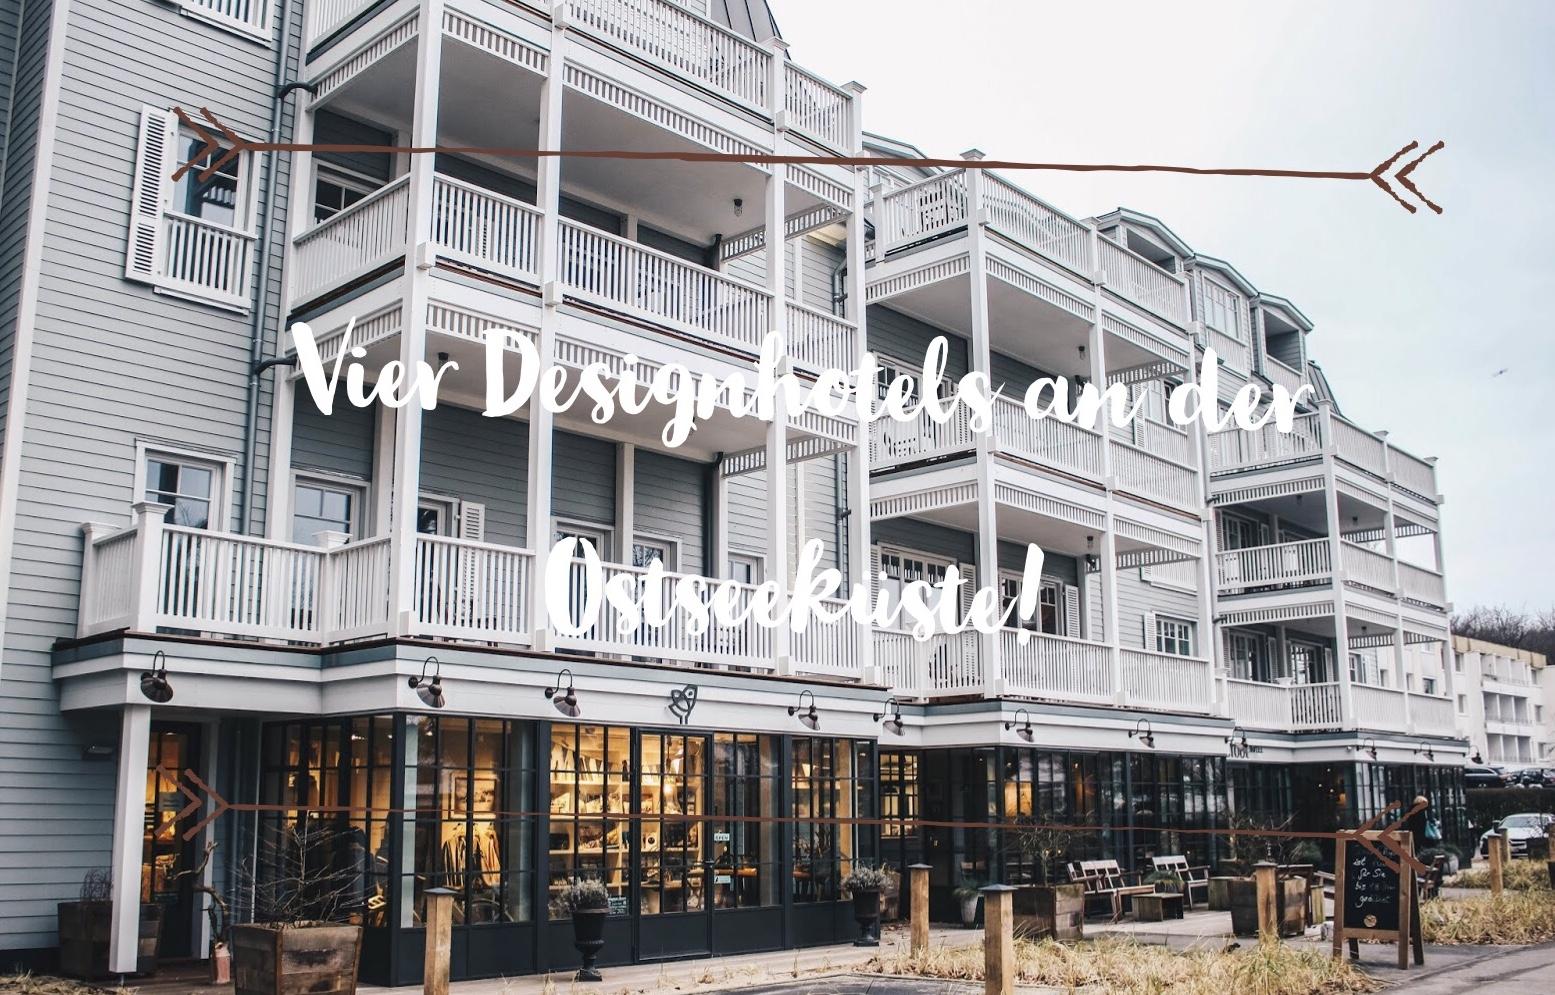 Heute Stellen Wir Euch Vier Tolle Designhotels An Der Ostseeküste Vor, Die  Ihr Auf Jeden Fall Im Rahmen Eures Nächsten Kurztrip Anpeilen Solltet.